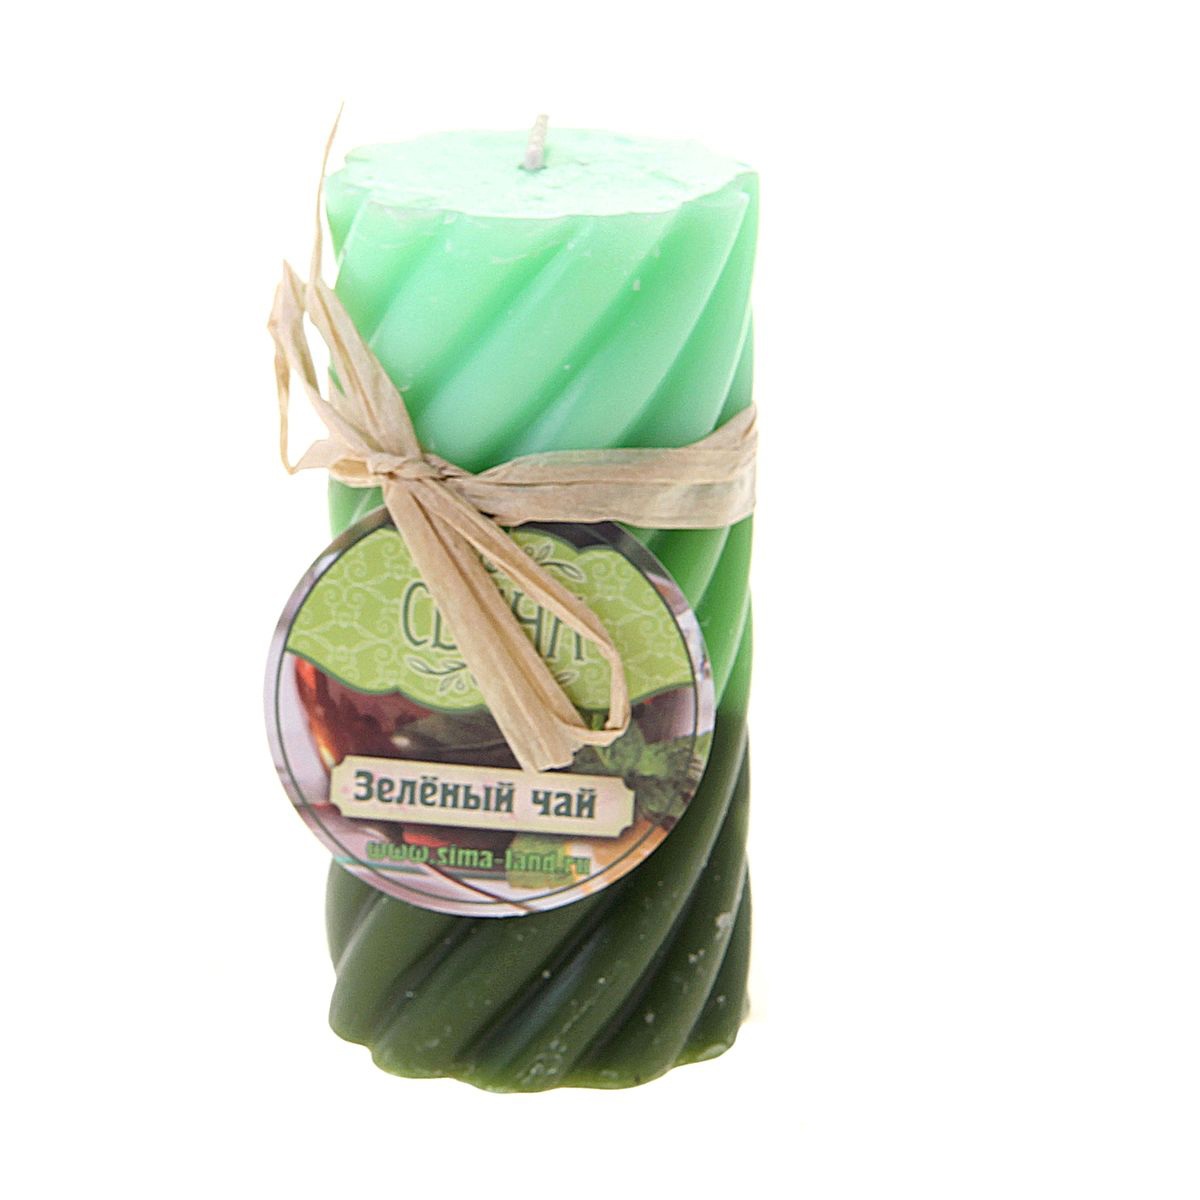 Свеча ароматизированная Sima-land Зеленый чай, высота 10 см296061Свеча Sima-land Зеленый чай выполненная из воска в виде столбика и оформлена волнообразным рельефом. Изделие порадует ярким дизайном и освежающим ароматом зеленого чая, который понравится как женщинам, так и мужчинам. Создайте для себя и своих близких незабываемую атмосферу праздника в доме. Ароматическая свеча Sima-land Зеленый чай может стать не только отличным подарком, но и гарантией хорошего настроения, ведь это красивая вещь из качественного, безопасного для здоровья материала.